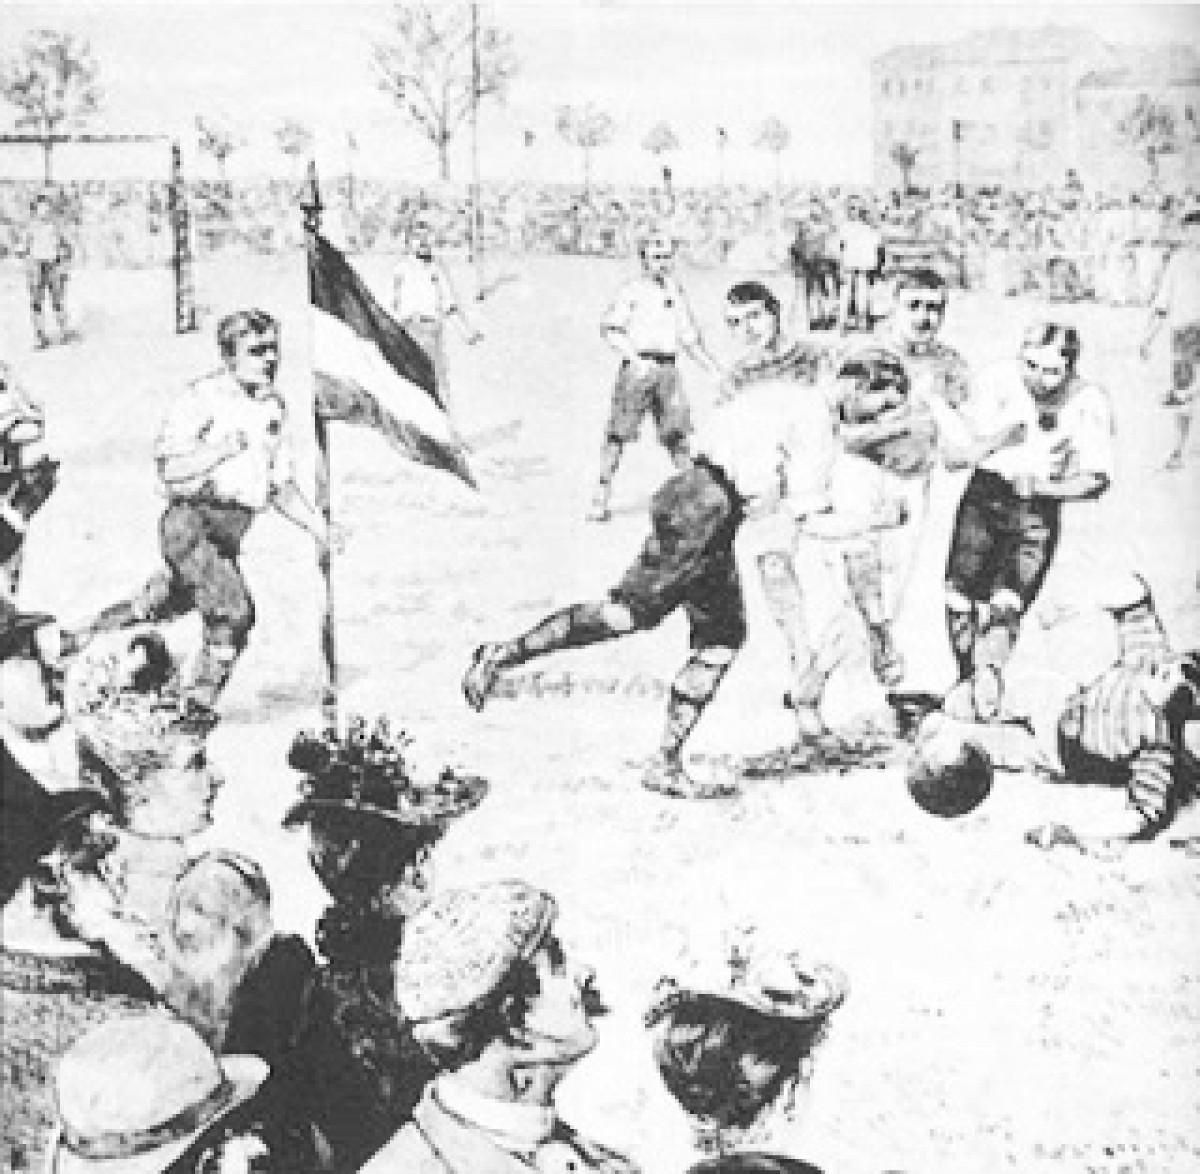 Reglamento del fútbol y el primer torneo de la historia